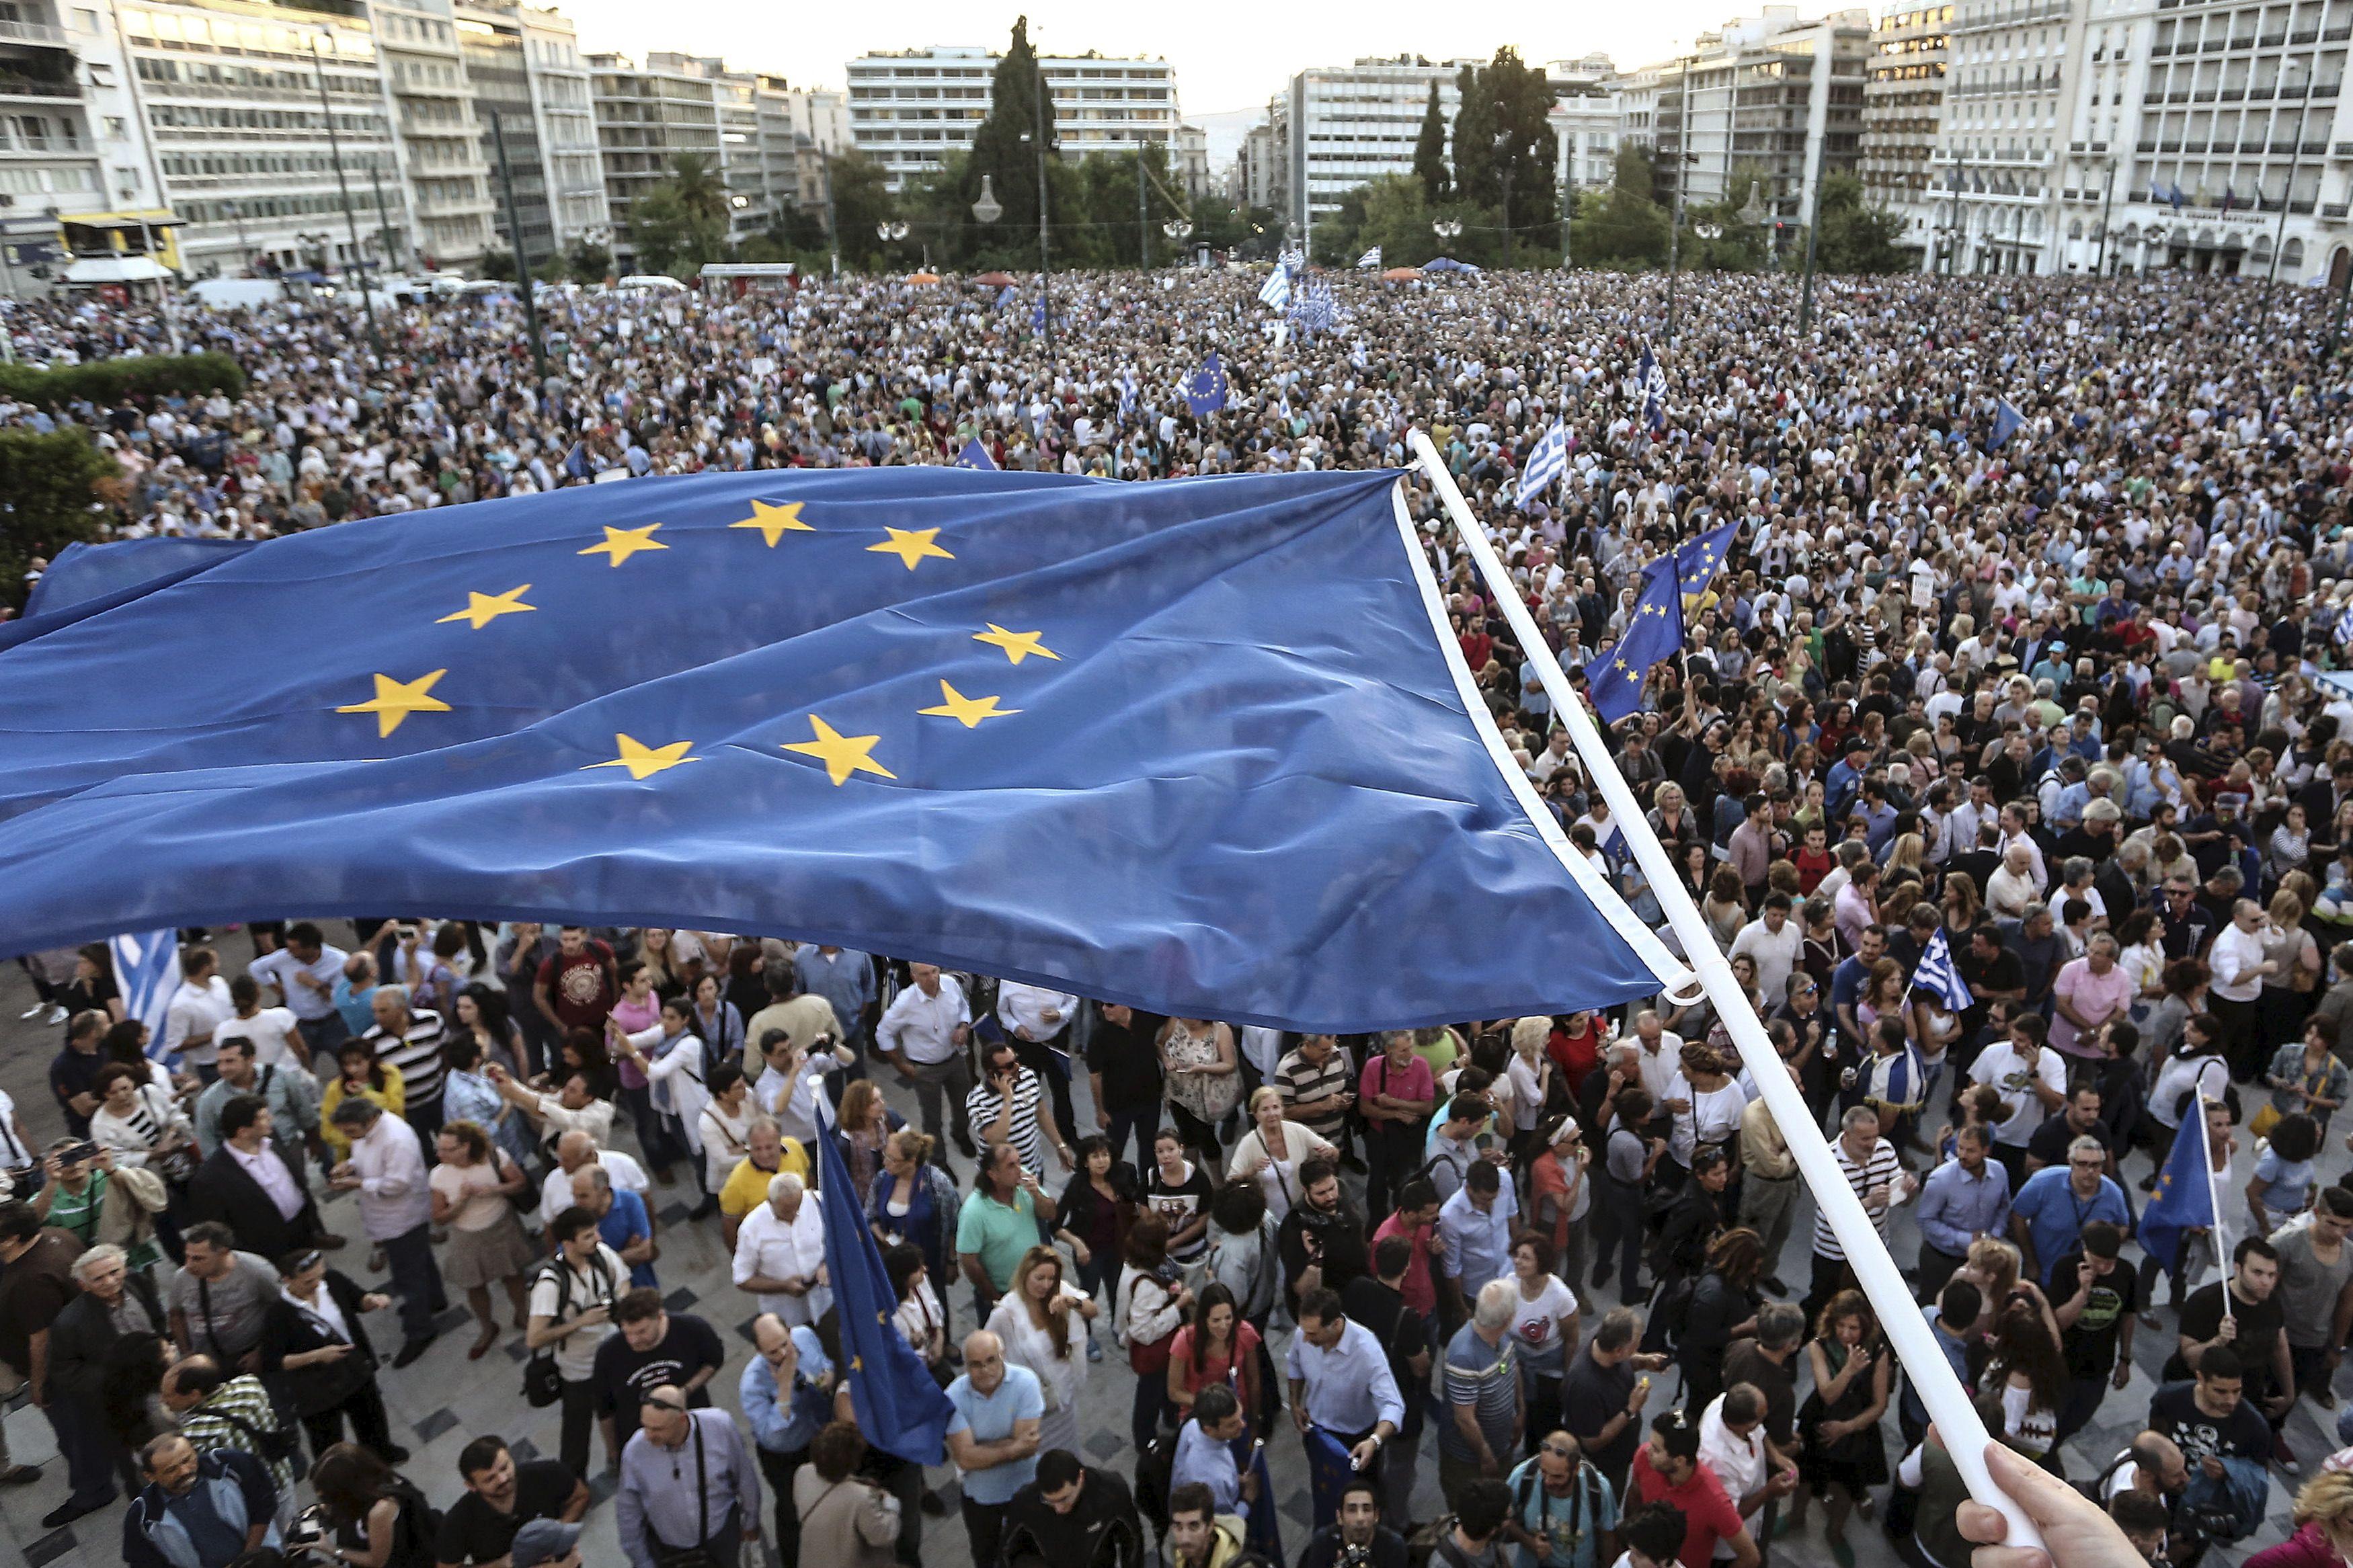 """Anti-européens : la stratégie des """"fronts de libération nationale"""" réunissant droite et gauche est-elle réaliste ?"""